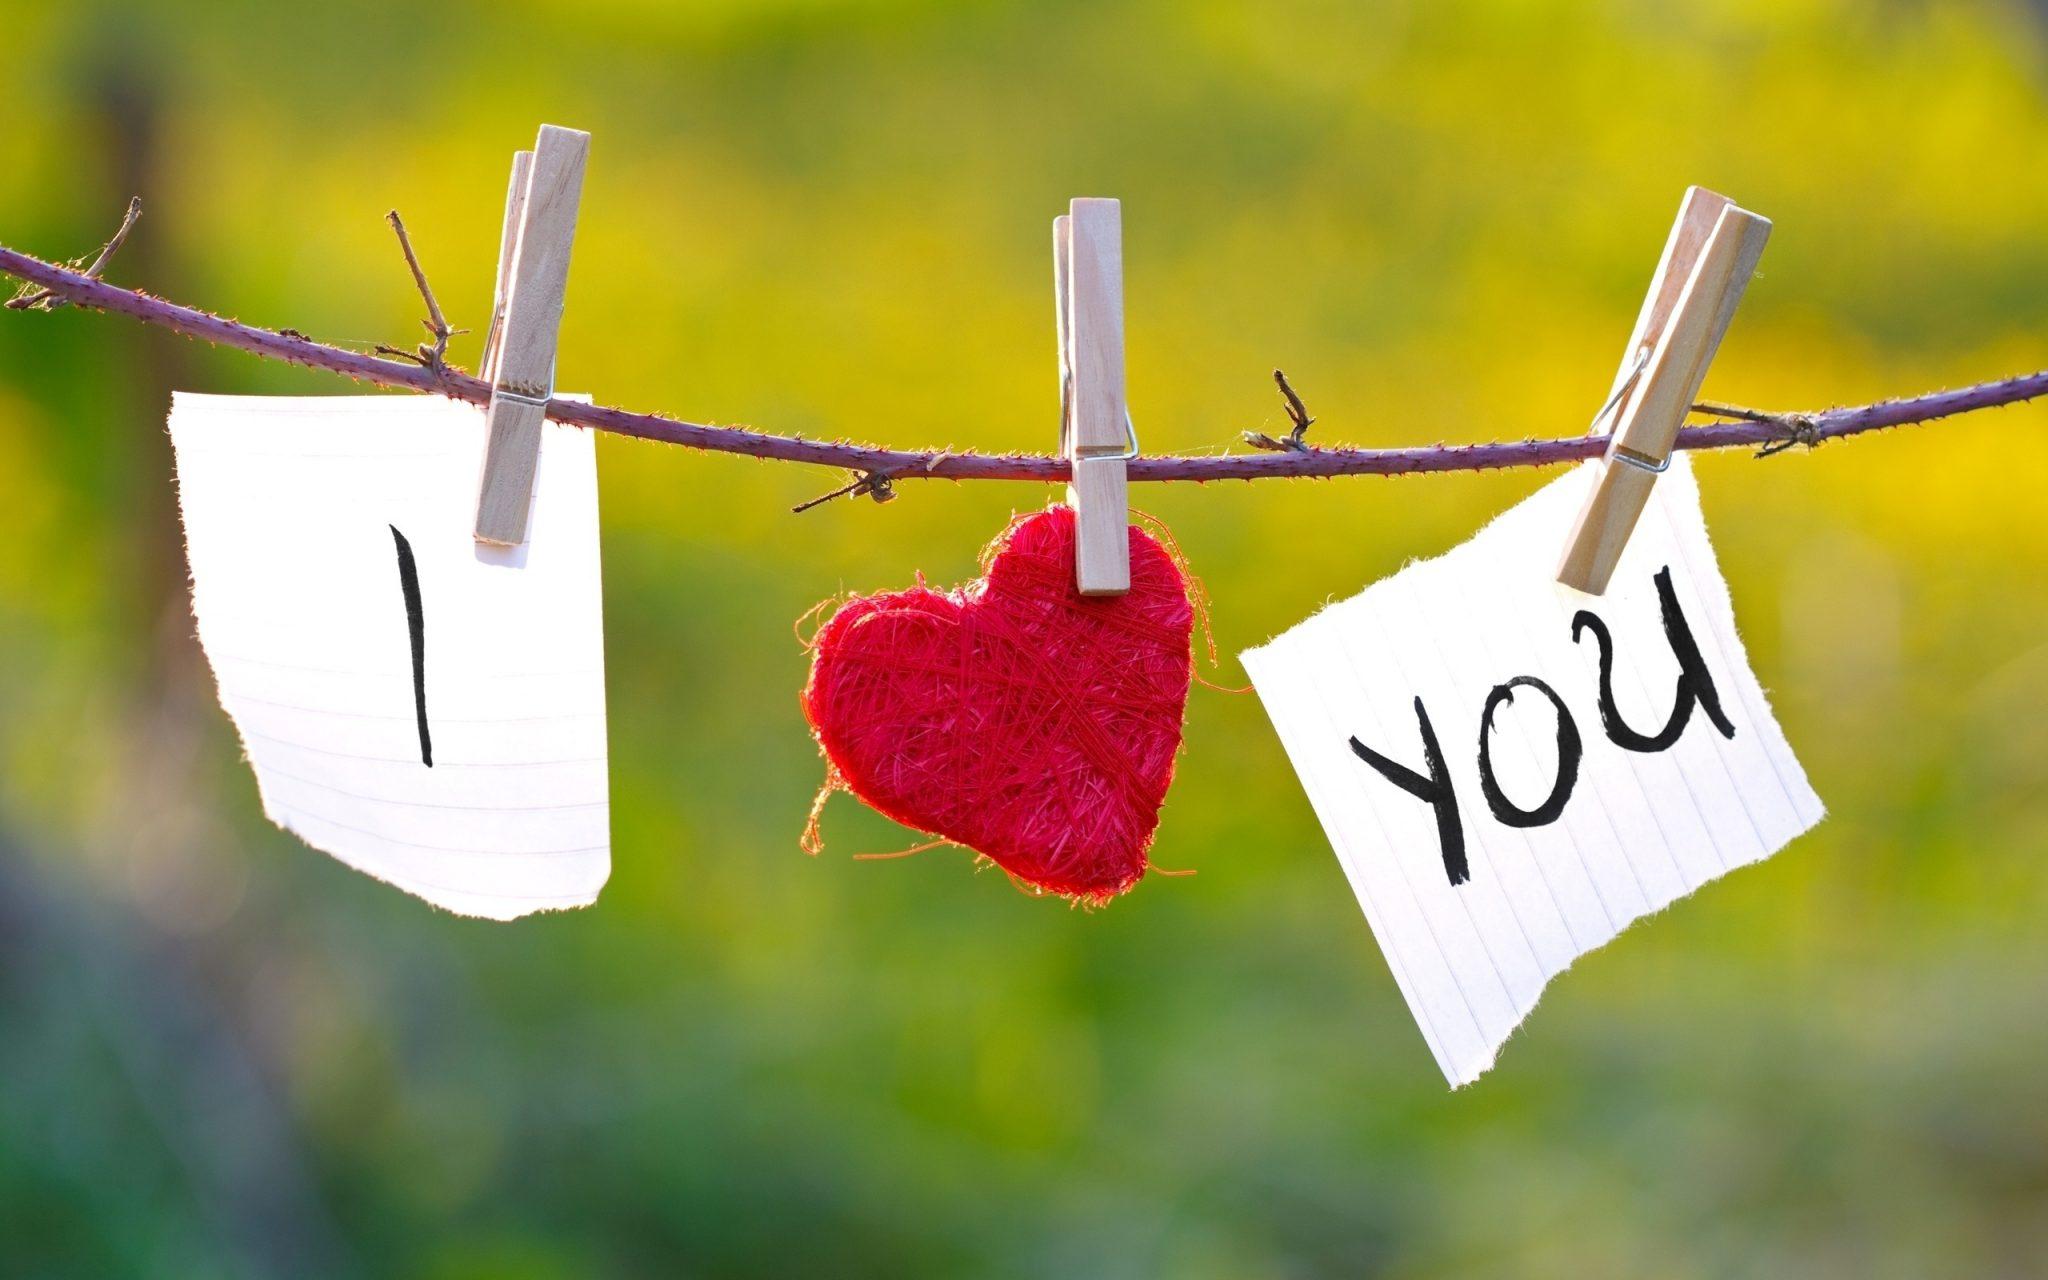 hinh-anh-dep-chu-i-love-you-lang-mang-cho-cac-cap-tinh-nhan-dang-yeu-10